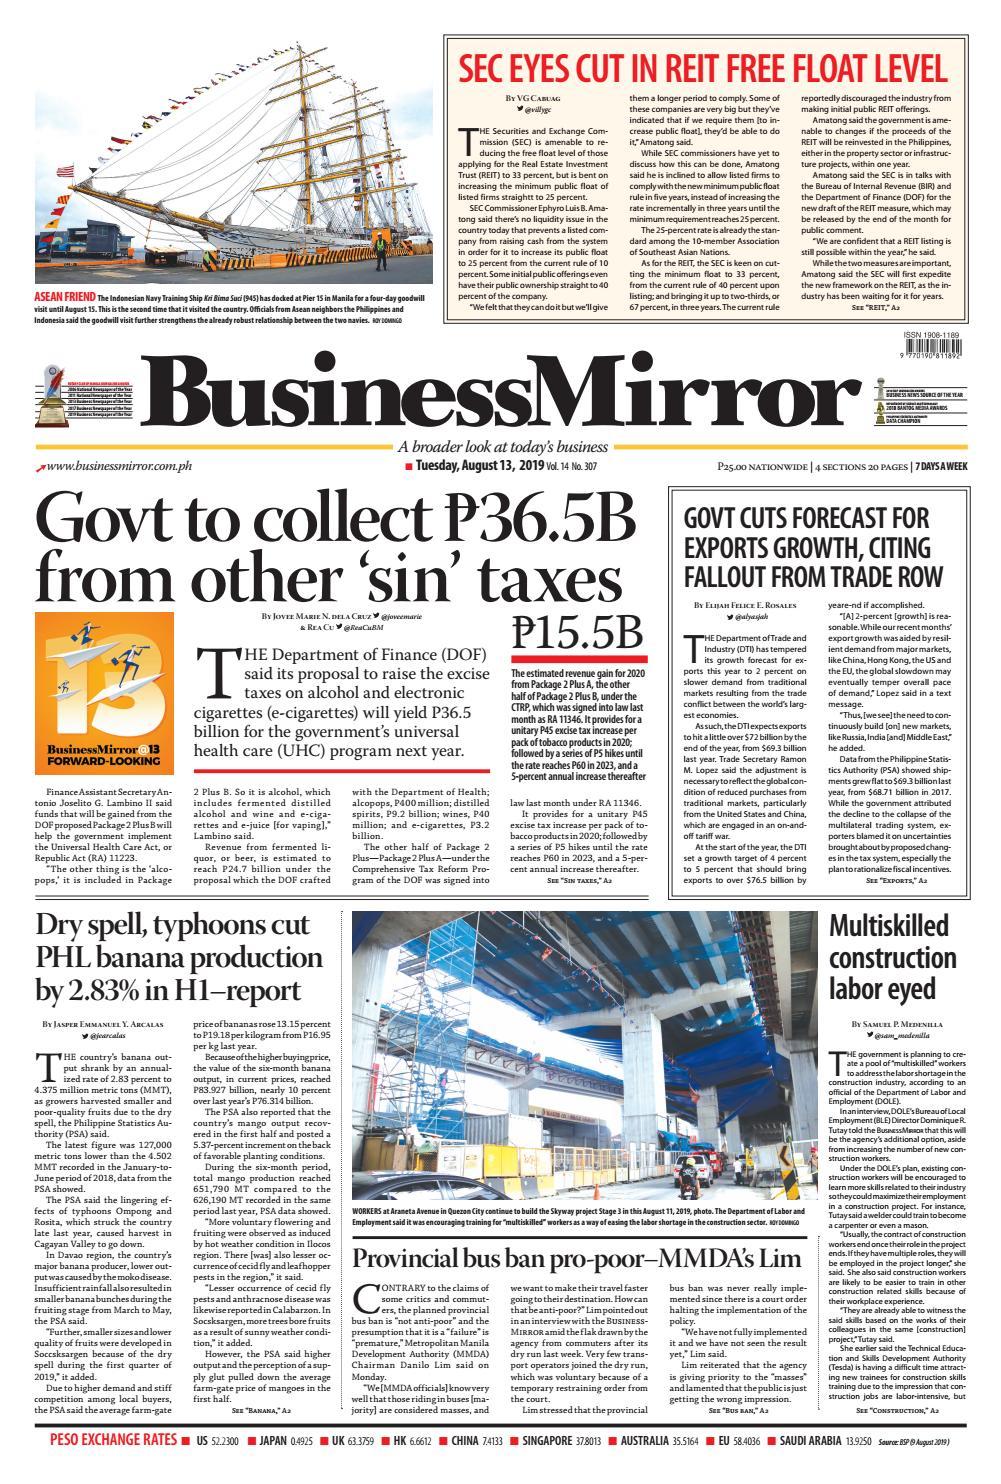 BusinessMirror August 12, 2019 by BusinessMirror - issuu